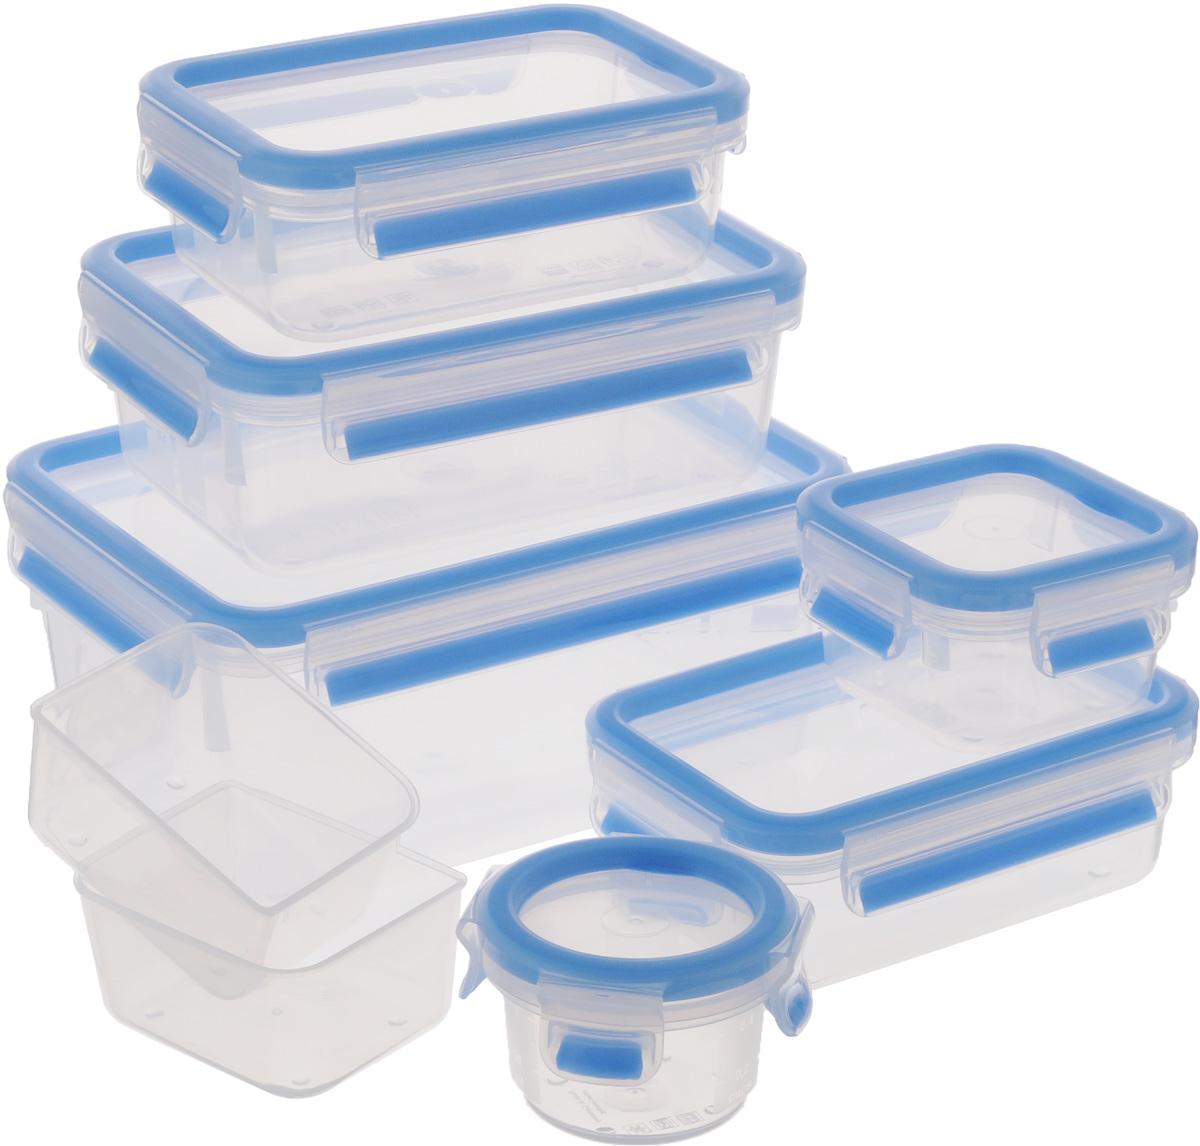 Набор контейнеров Emsa Clip&Close, 7 предметовFA-5125 WhiteНабор Emsa Clip&Close состоит из 6 контейнеров разного объема и 2 небольших емкостей. Предметы набора изготовлены из высококачественного пищевого пластика, который выдерживает температуру от -40°С до +110°С, не впитывает запахи и не изменяет цвет. Контейнеры снабжены крышками, закрывающимися по бокам на 4 защелки. Герметичность достигается за счет специальных силиконовых уплотнителей, которые позволяют использовать контейнер для хранения не только пищи, но и напитков. В таком контейнере продукты долгое время сохраняют свою свежесть. Прозрачные стенки позволяют просматривать содержимое. Сбоку имеются отметки литража. Изделия подходят для домашнего использования, для пикников, поездок, такие контейнеры удобно брать с собой на работу или учебу. Можно использовать в СВЧ-печах, холодильниках, посудомоечных машинах, морозильных камерах. Объем контейнеров: 2,3 л; 1 л; 0,55 л; 0,55 л; 0,25 л; 0,15 л. Размер контейнеров (без учета крышек): 22 х 16 х 9,5 см; 18,5 х 13 х 6,5 см; 15,5 х 10,5 х 5,3 см; 9,5 х 9,5 х 5 см; 8 х 8 х 5,2 см.Размер емкости: 9 х 7 х 4,5 см.